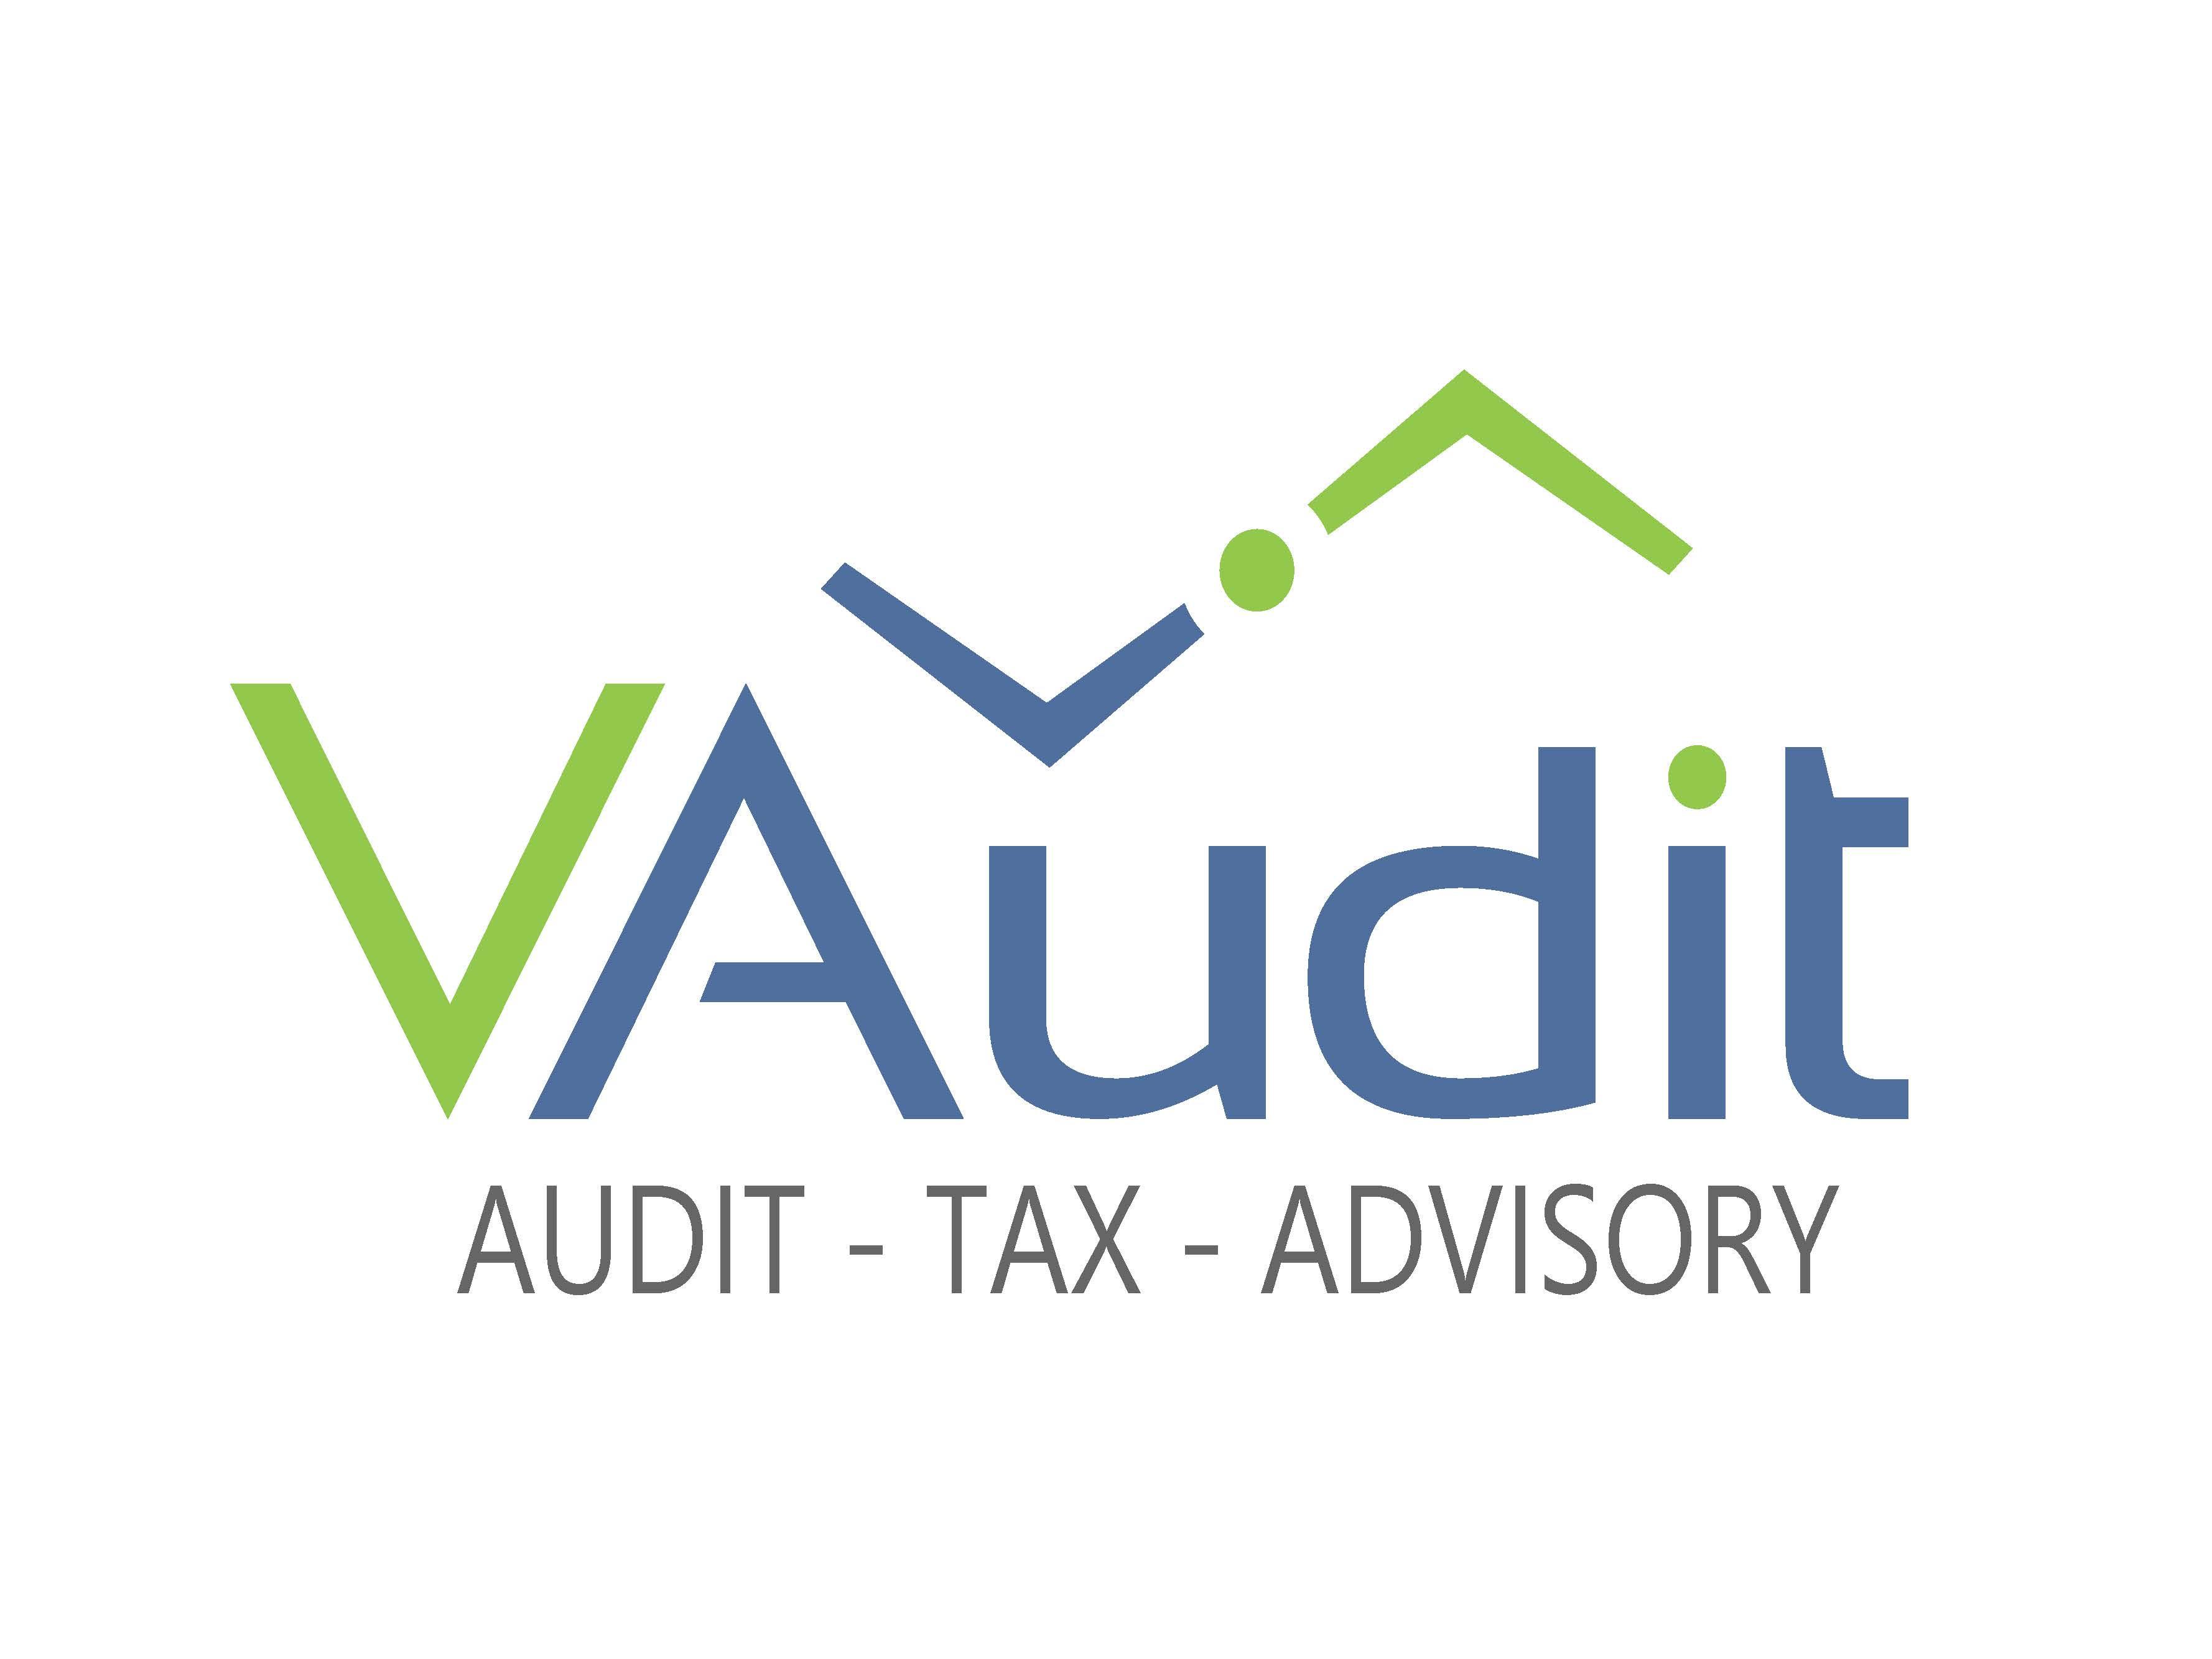 VAUDIT Auditores y Consultores